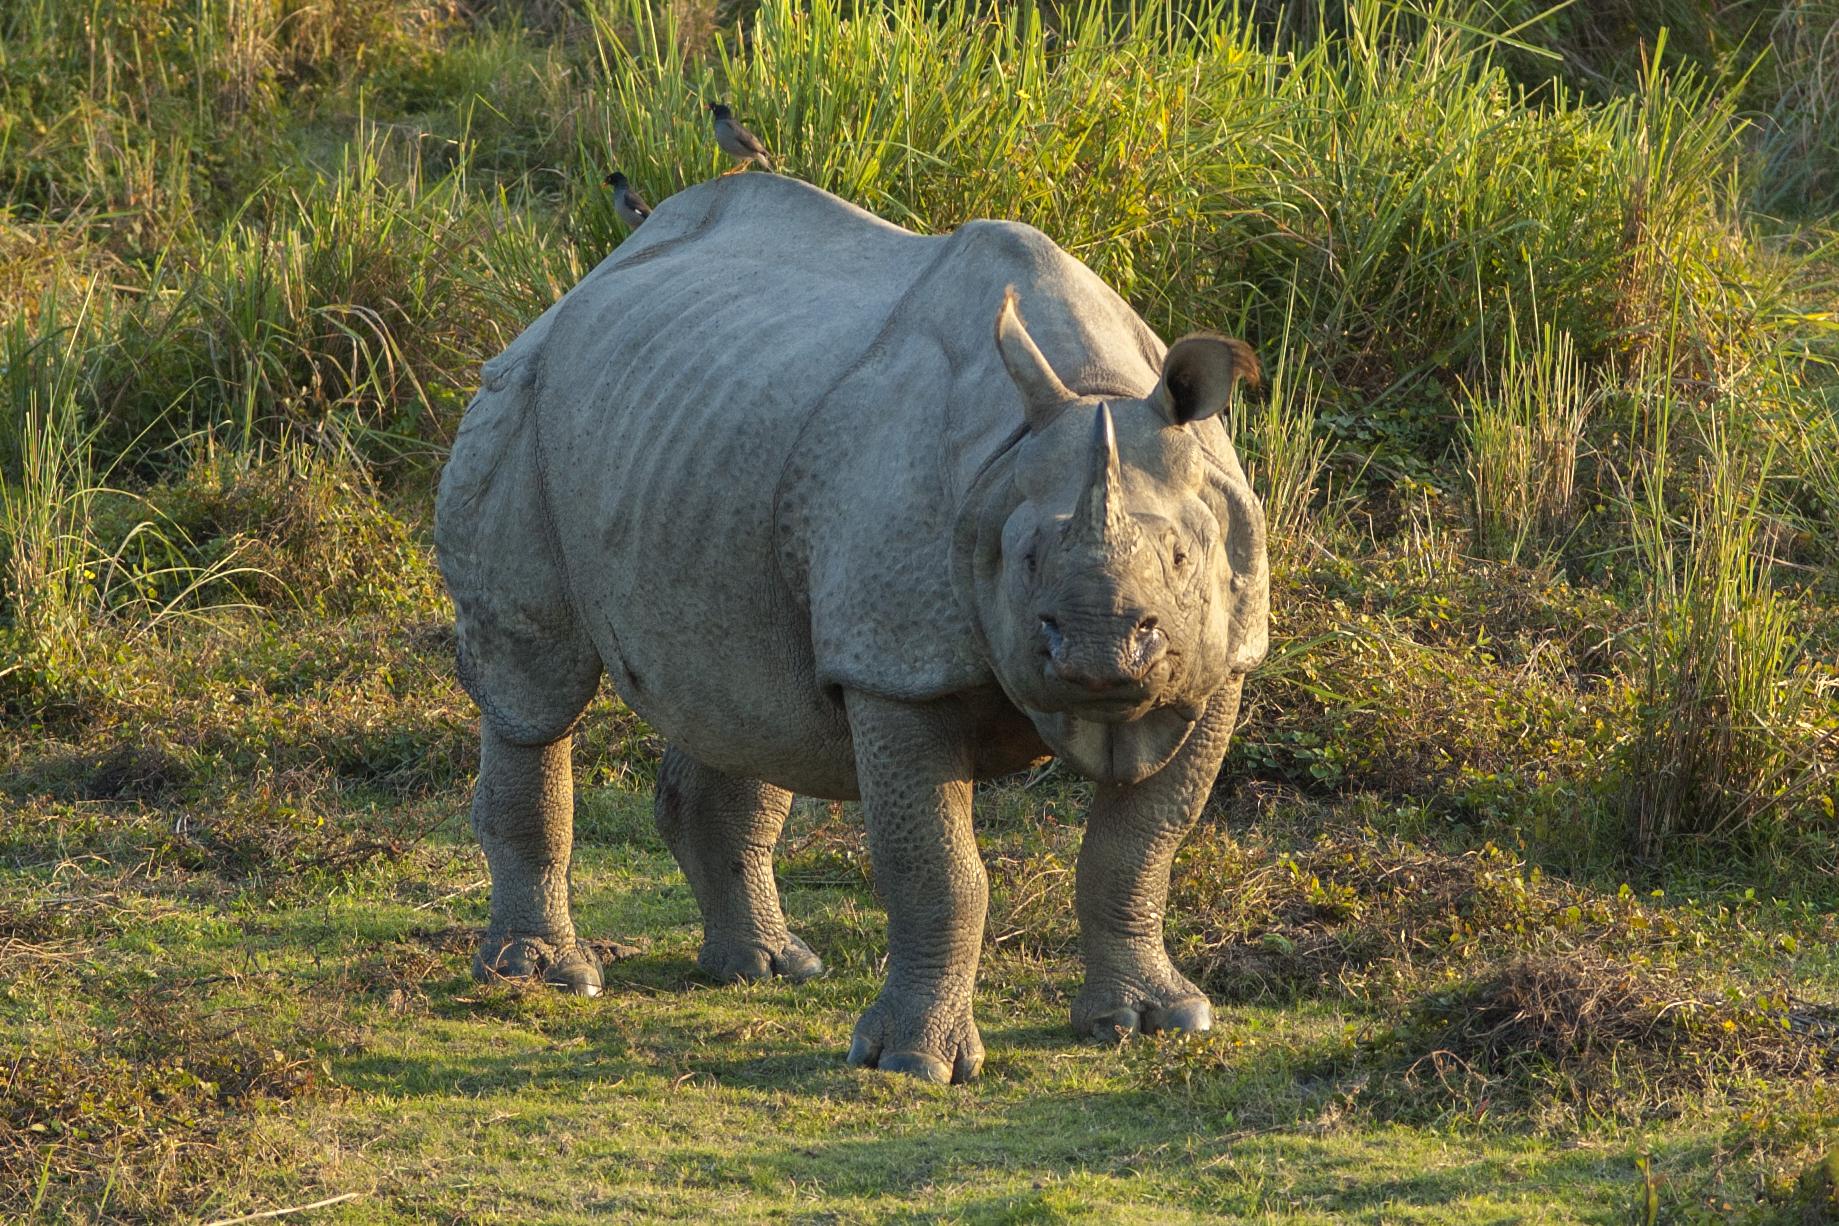 Parques Nacionales en la India, la India Parques Nacionales, Parques Nacionales de la India, parque de la fauna, vida salvaje